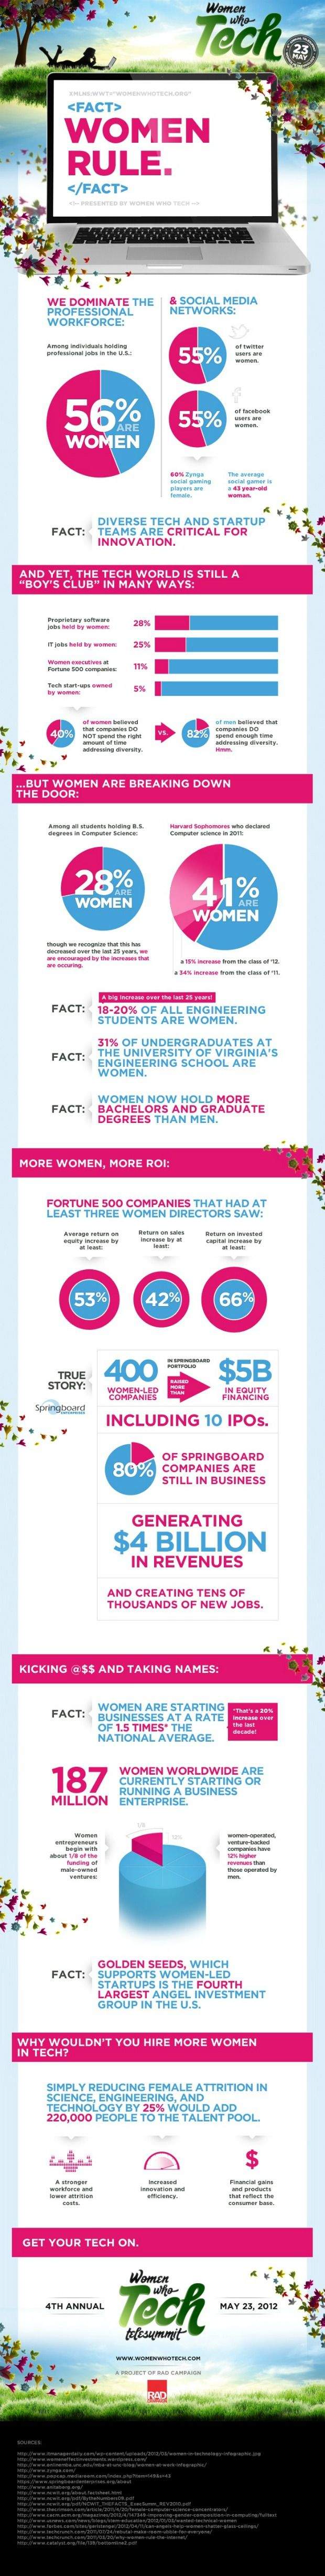 Mujeres y tecnología #infografia #infographic